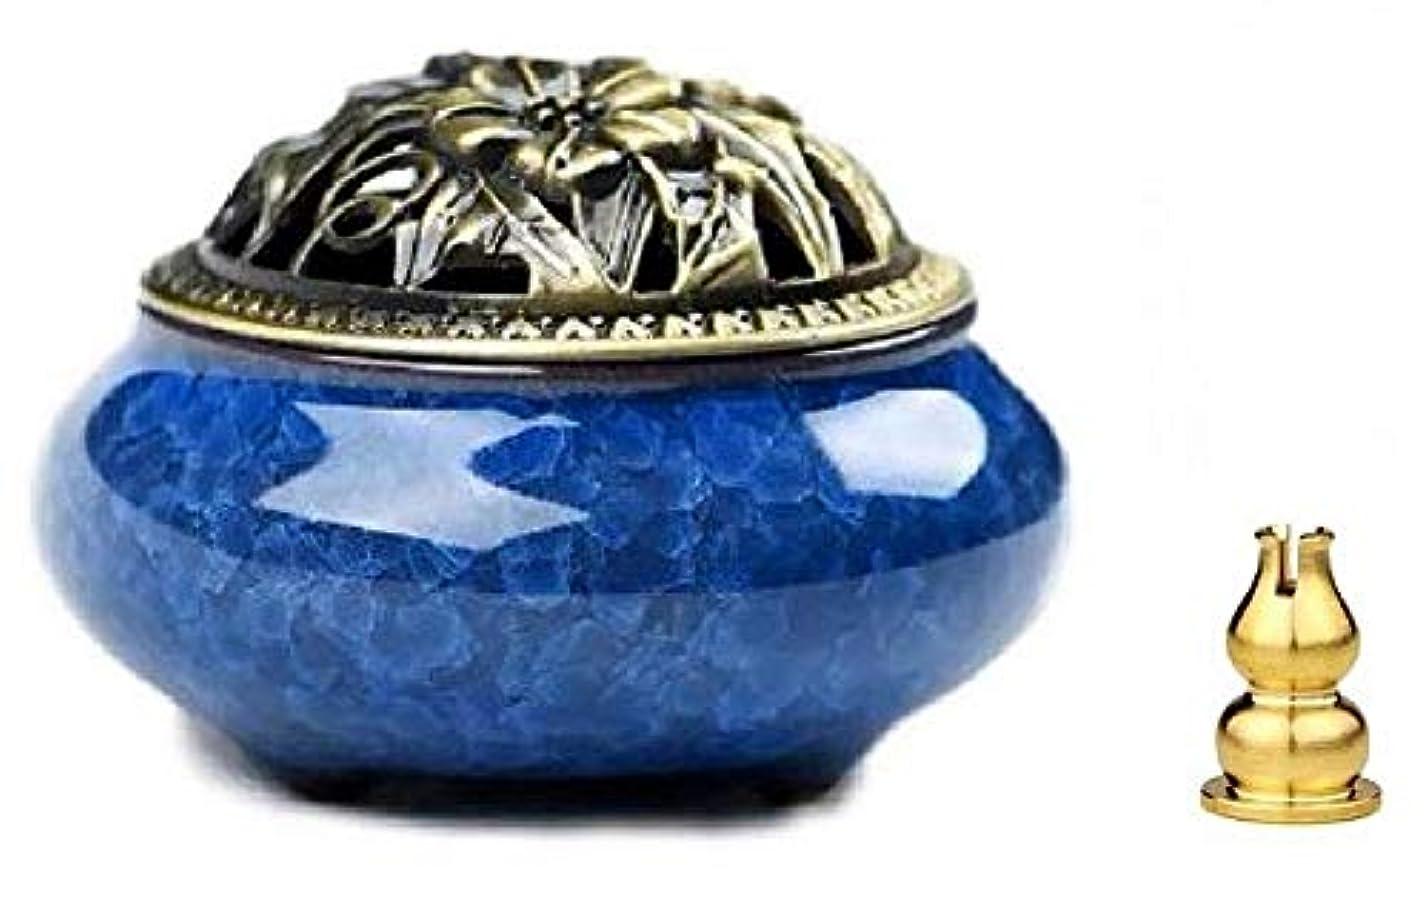 乳白色アドバイスこどもの日陶磁器 香炉 青磁 丸香炉 お香立て 渦巻き線香 アロマ などに 香立て付き (青色)